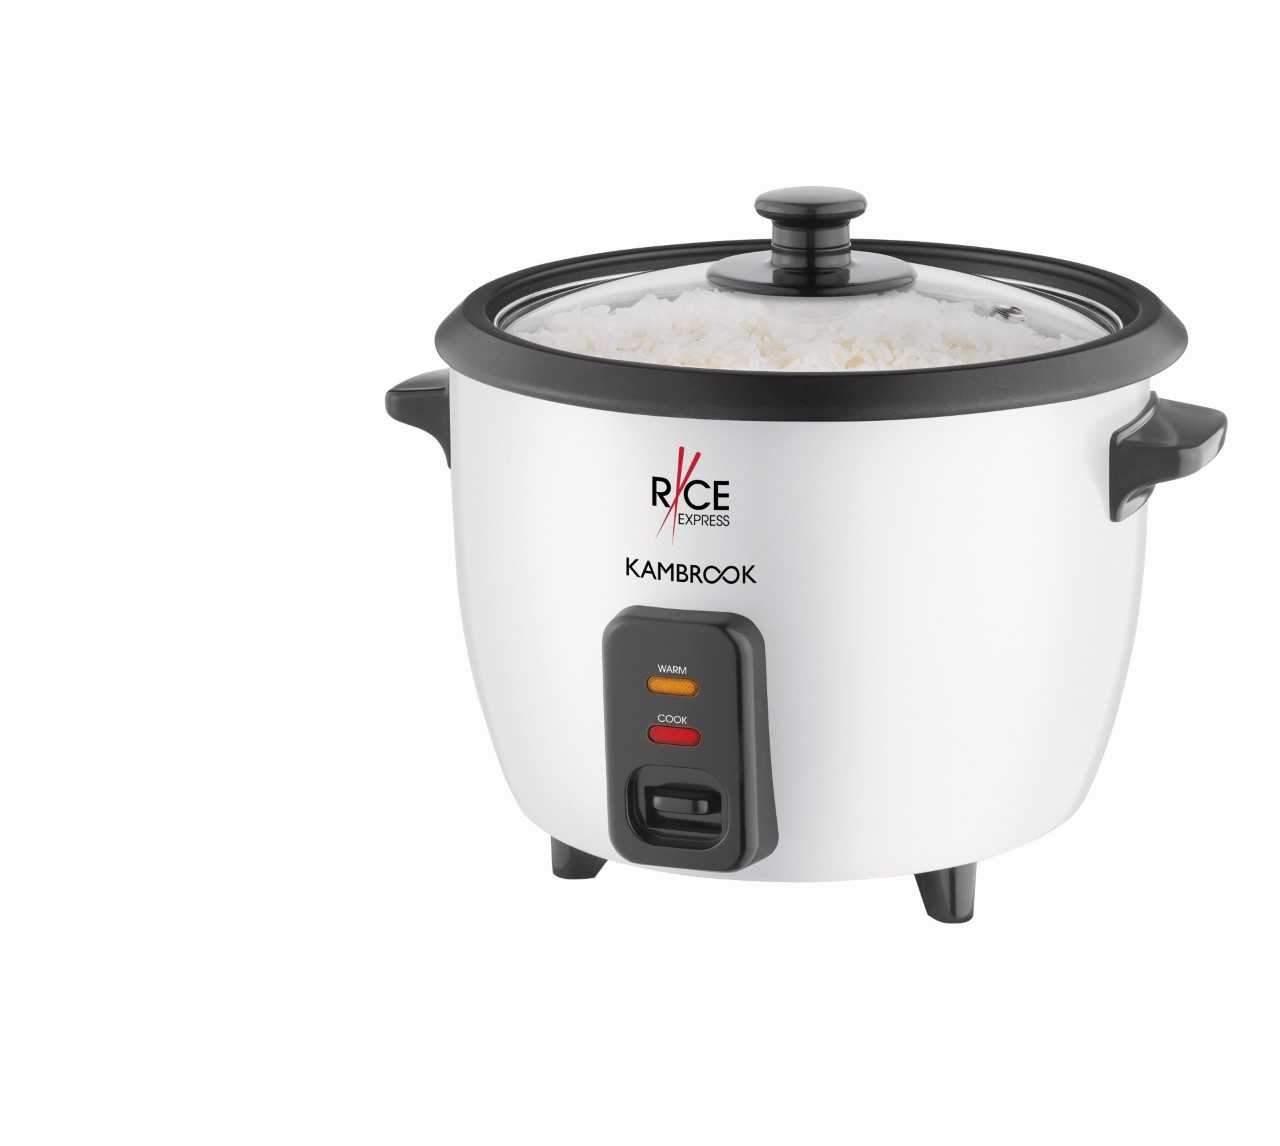 Cuiseur /à riz avec fonction maintien au chaud Arendo Capacit/é 1,4 l Protection thermique Protection contre la chaleur - Avec cuiseur vapeur mod/èle 2019 540 W